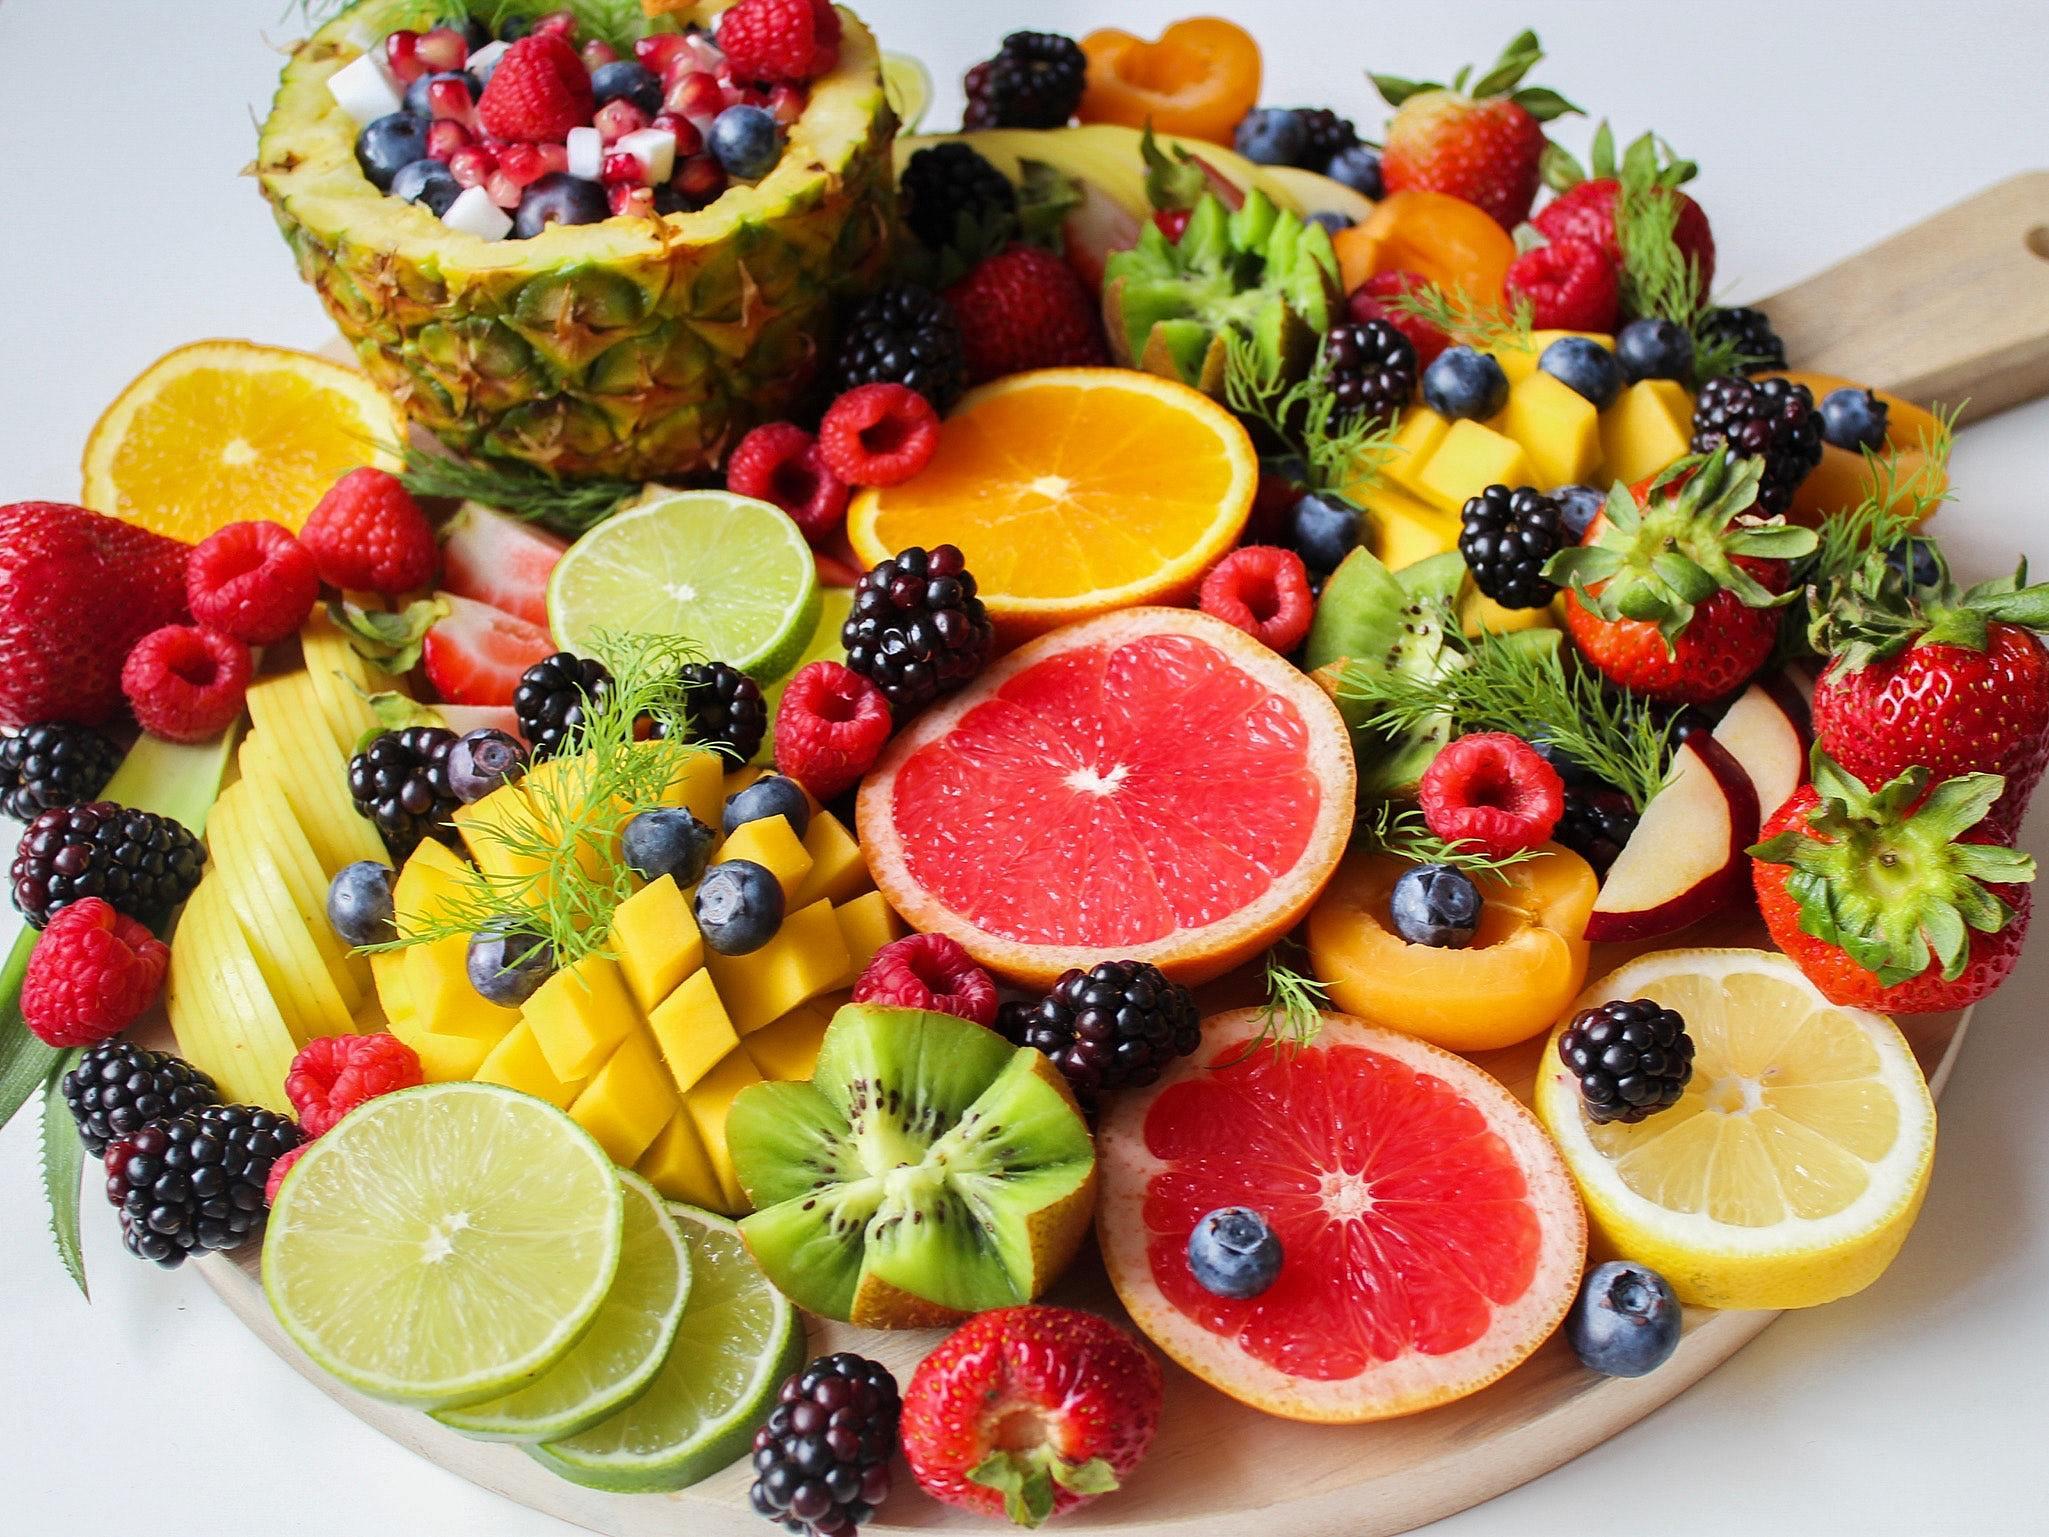 減肥吃水果,沒減到反而還變胖? 你該好好認識水果的「GI值」秘密